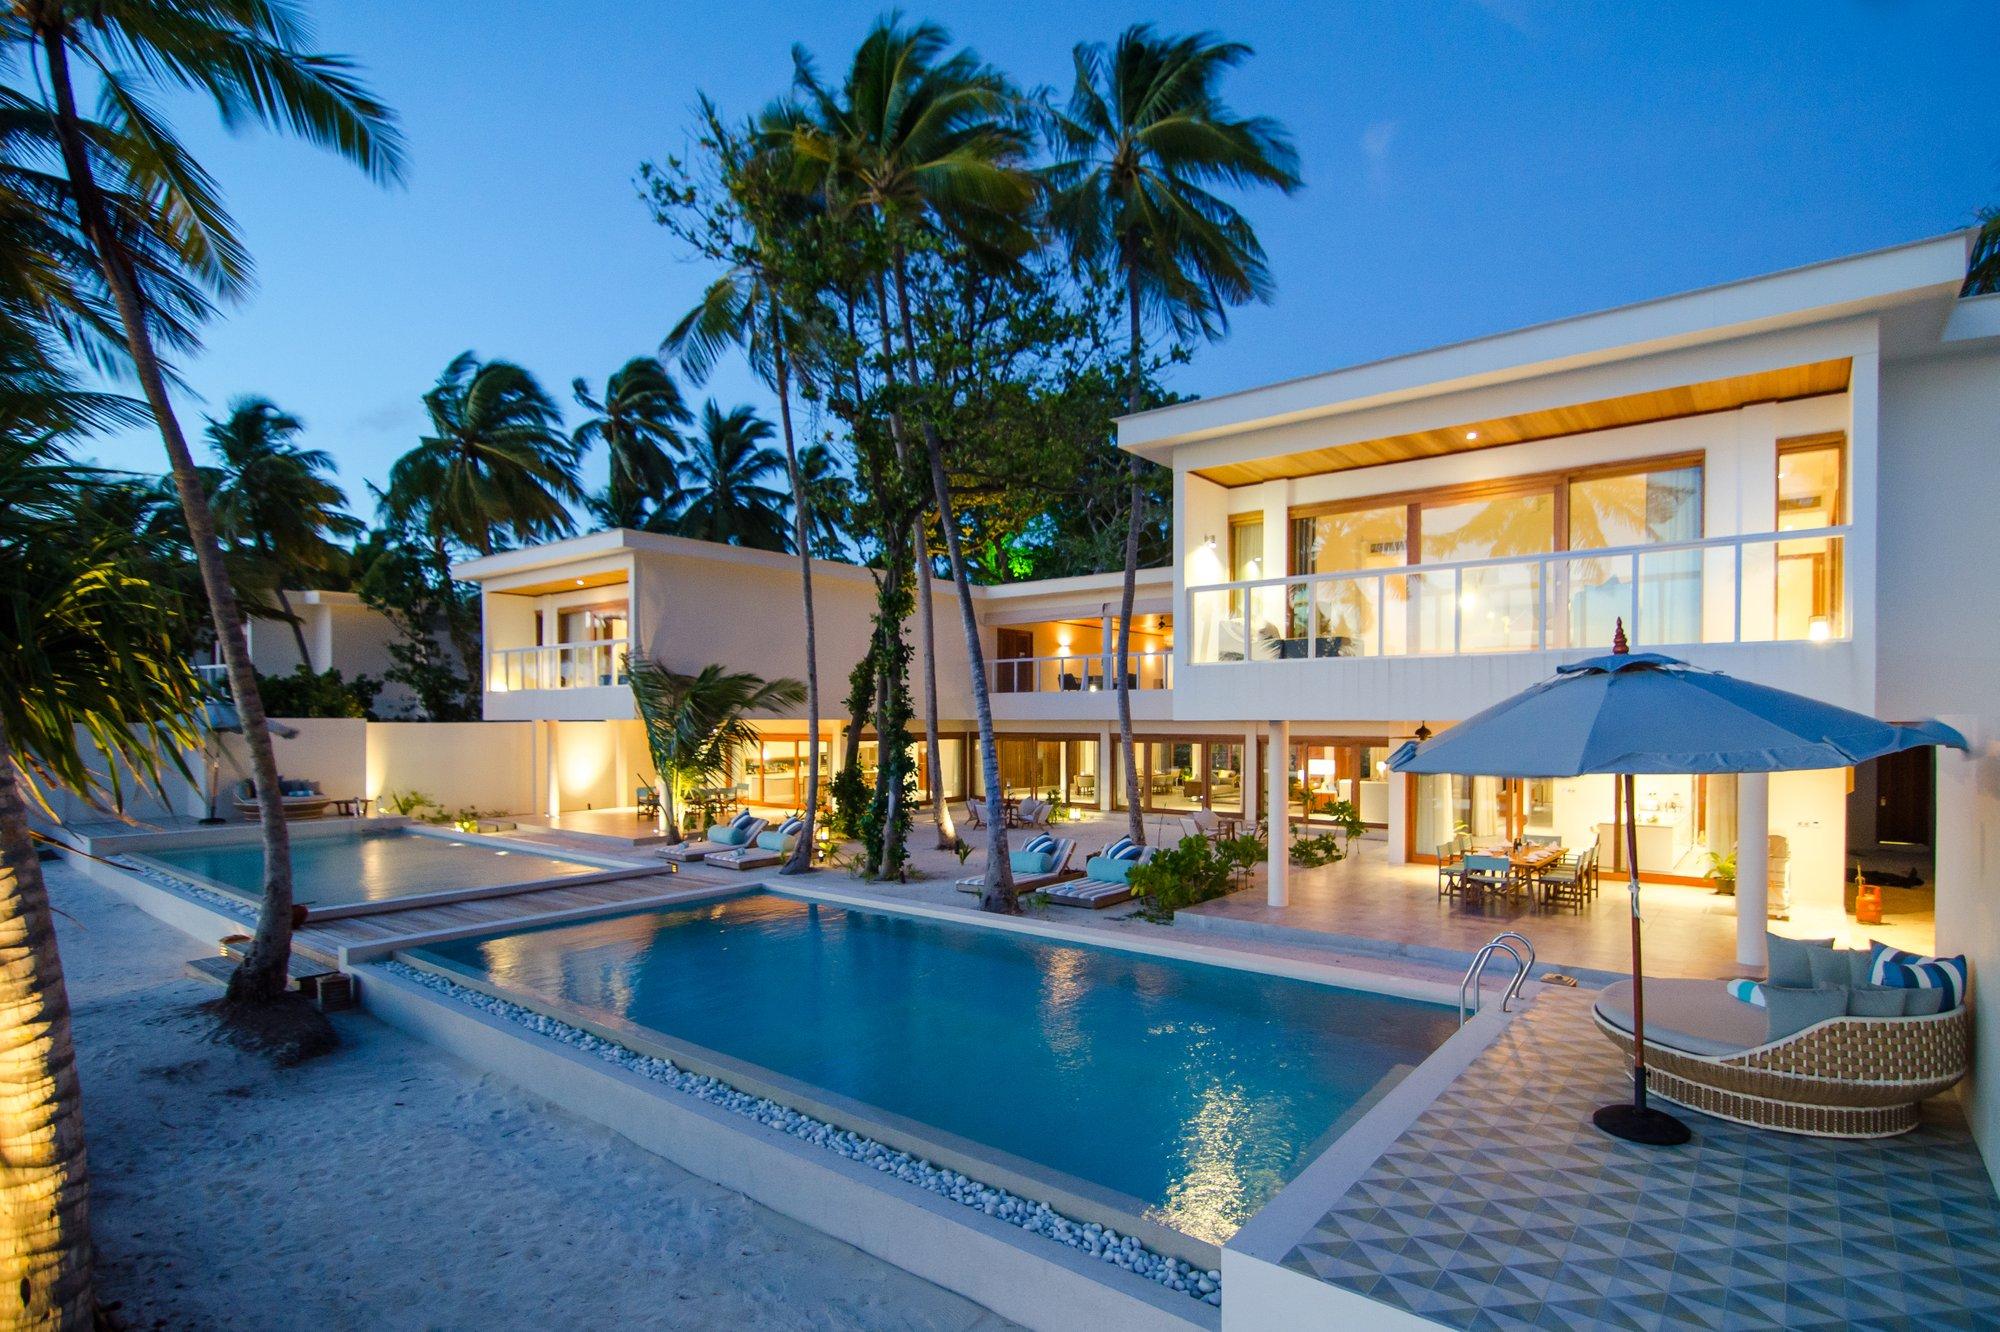 Villa in North Province, Maldives 1